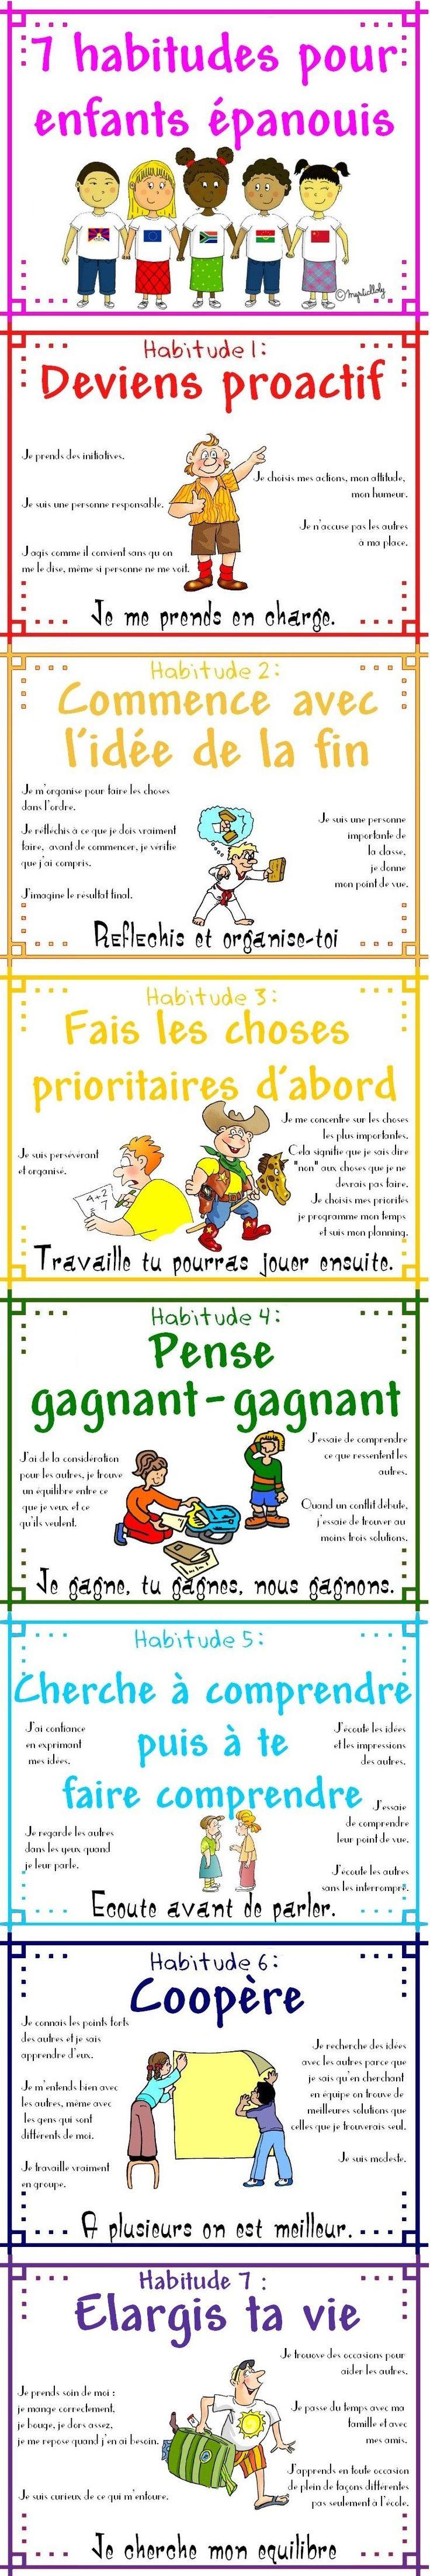 7 habitudes pour enfants épanouis. #HPI #ydem